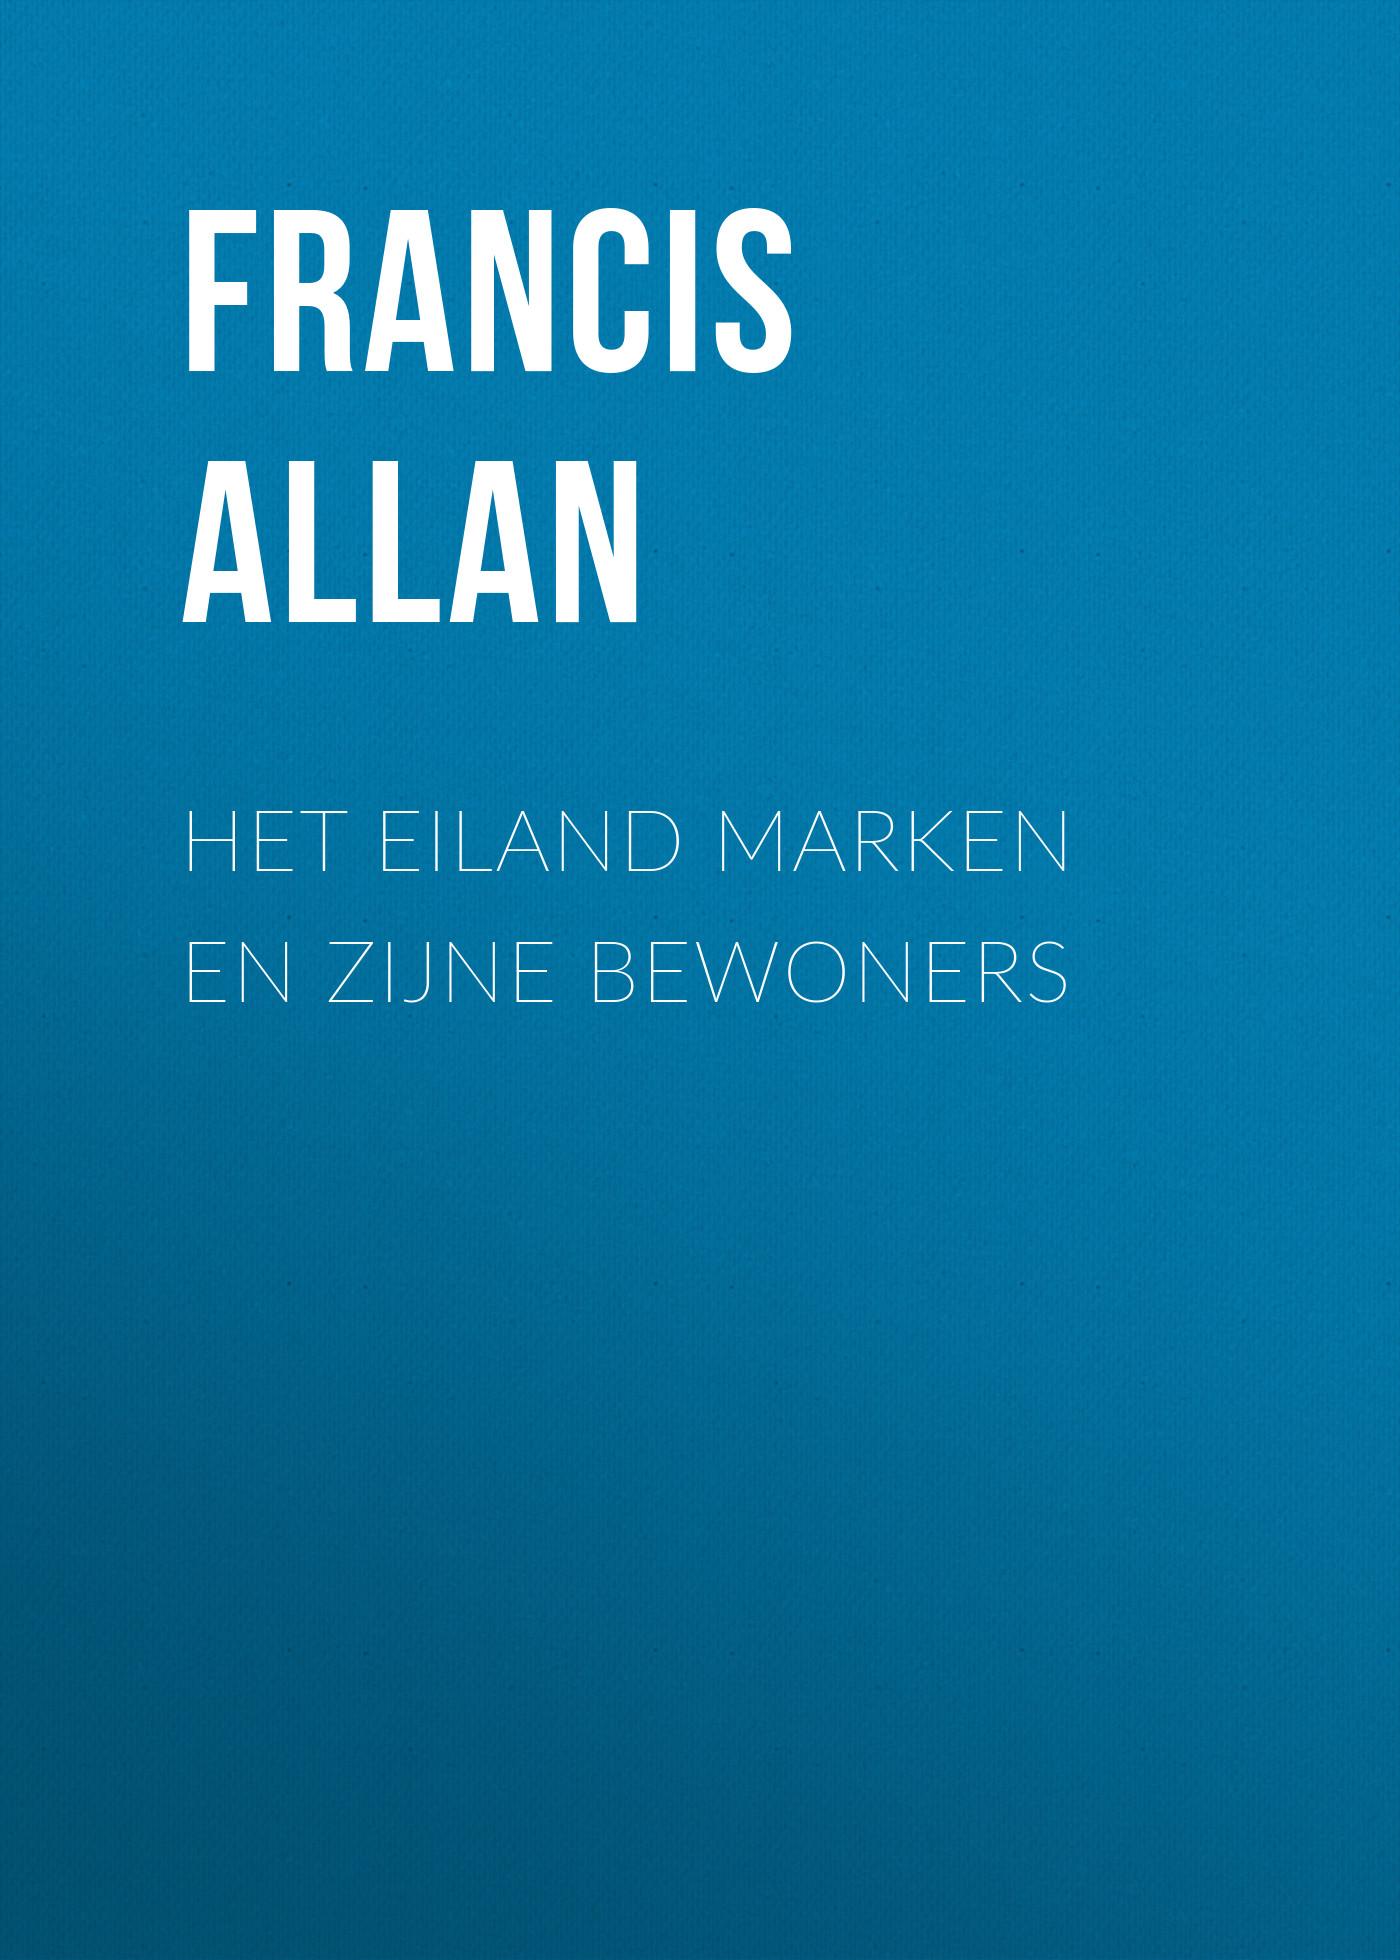 Allan Francis Het Eiland Marken en Zijne Bewoners allan francis het eiland vlieland en zijne bewoners